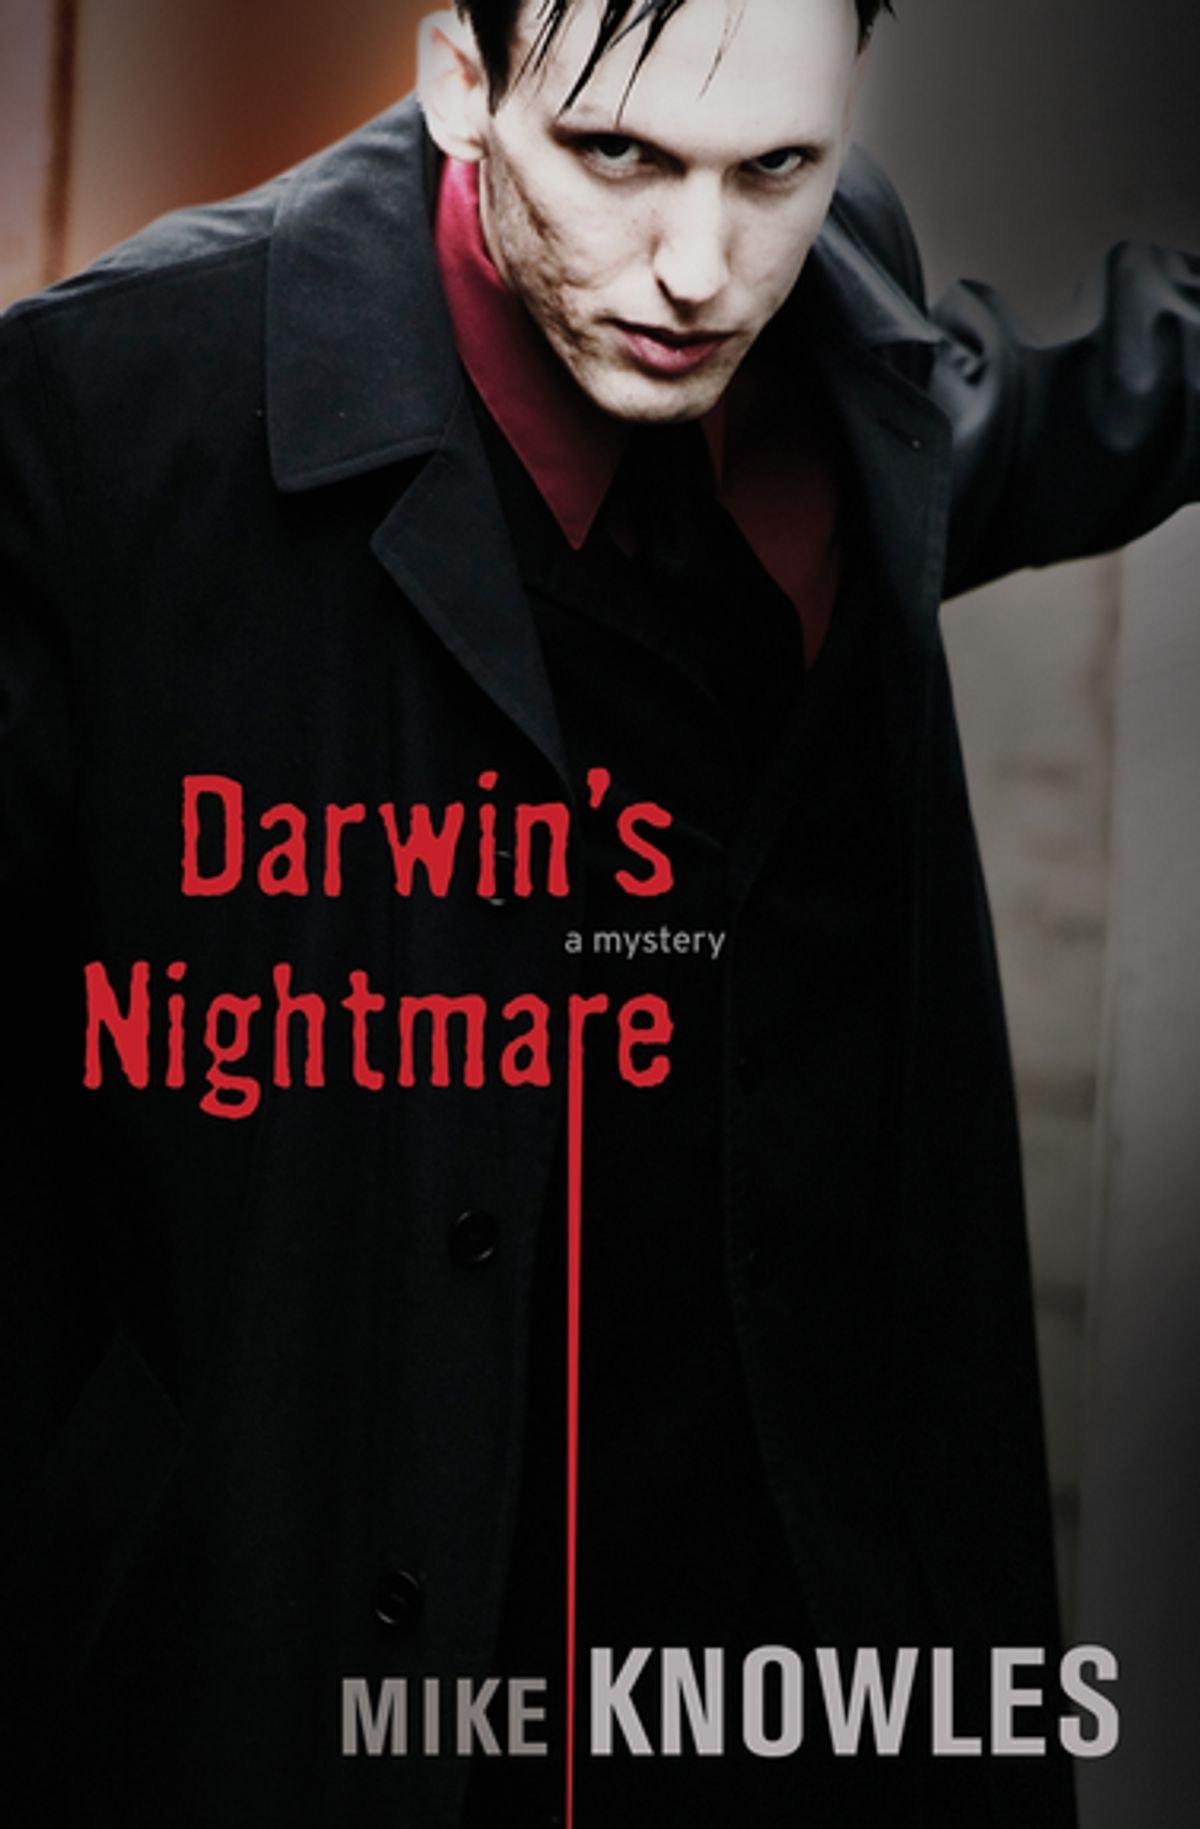 Darwins Nightmare _ MIKE KNOWLES